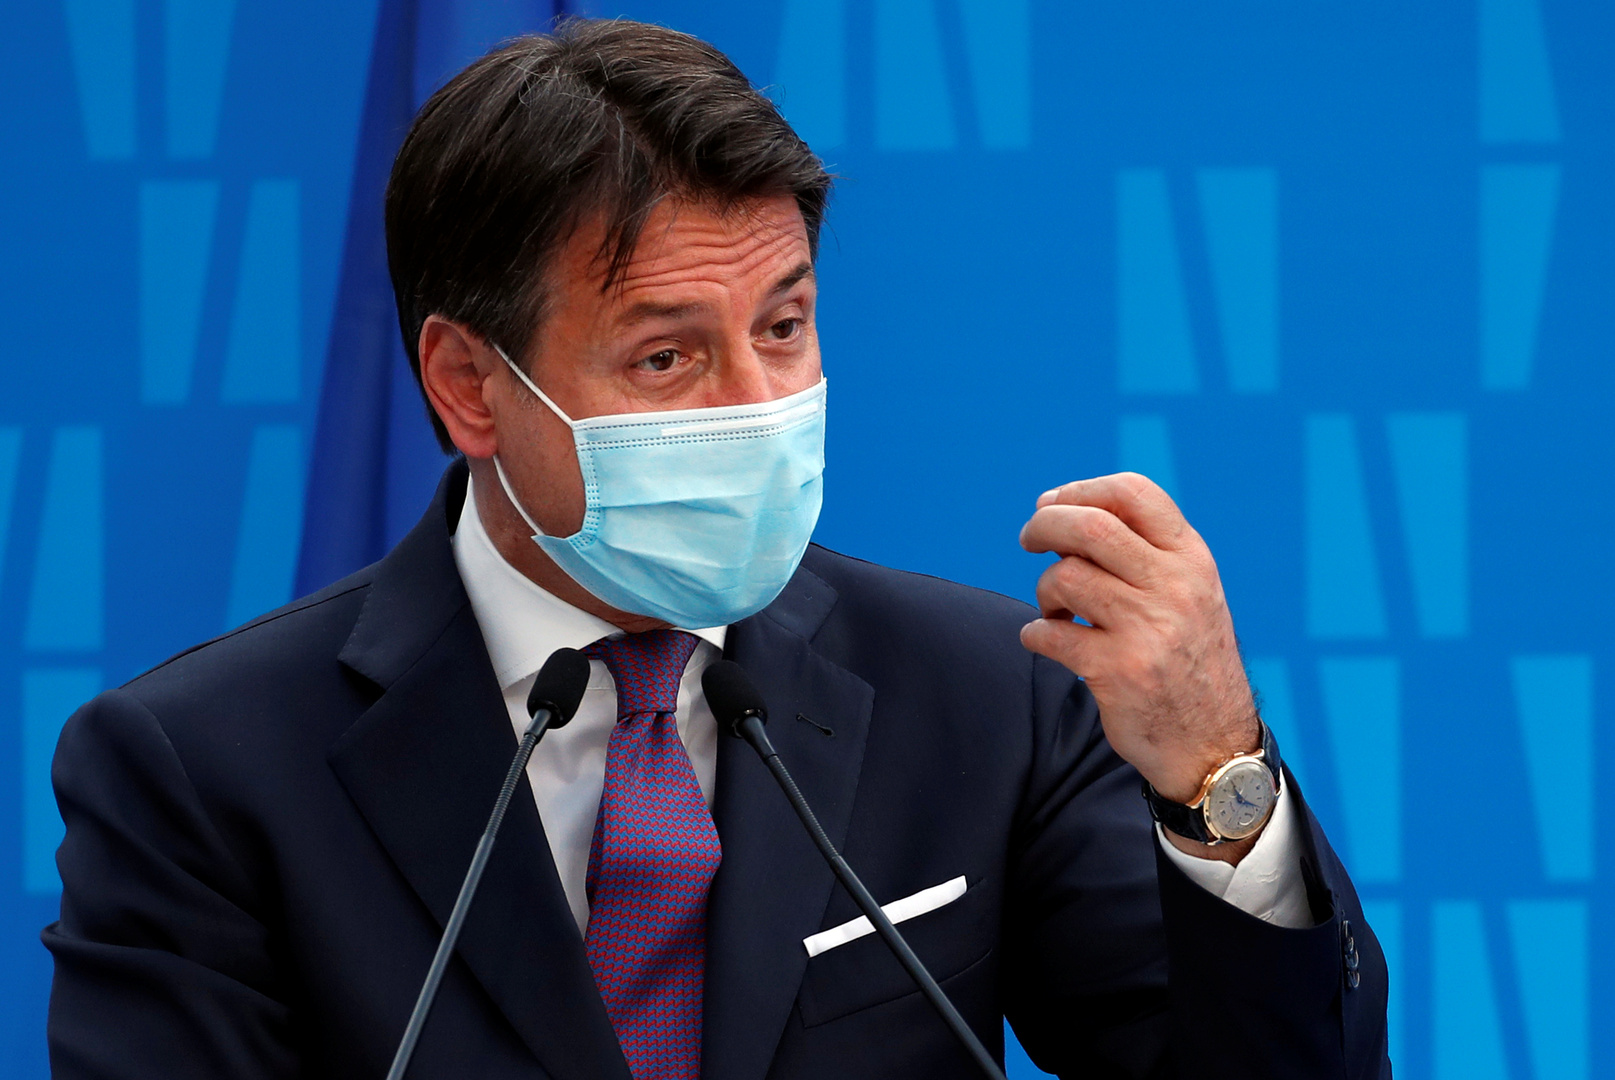 إيطاليا تطبق قيودا عامة جديدة وسط تسجيل ارتفاعات غير مسبوقة للإصابات بكورونا